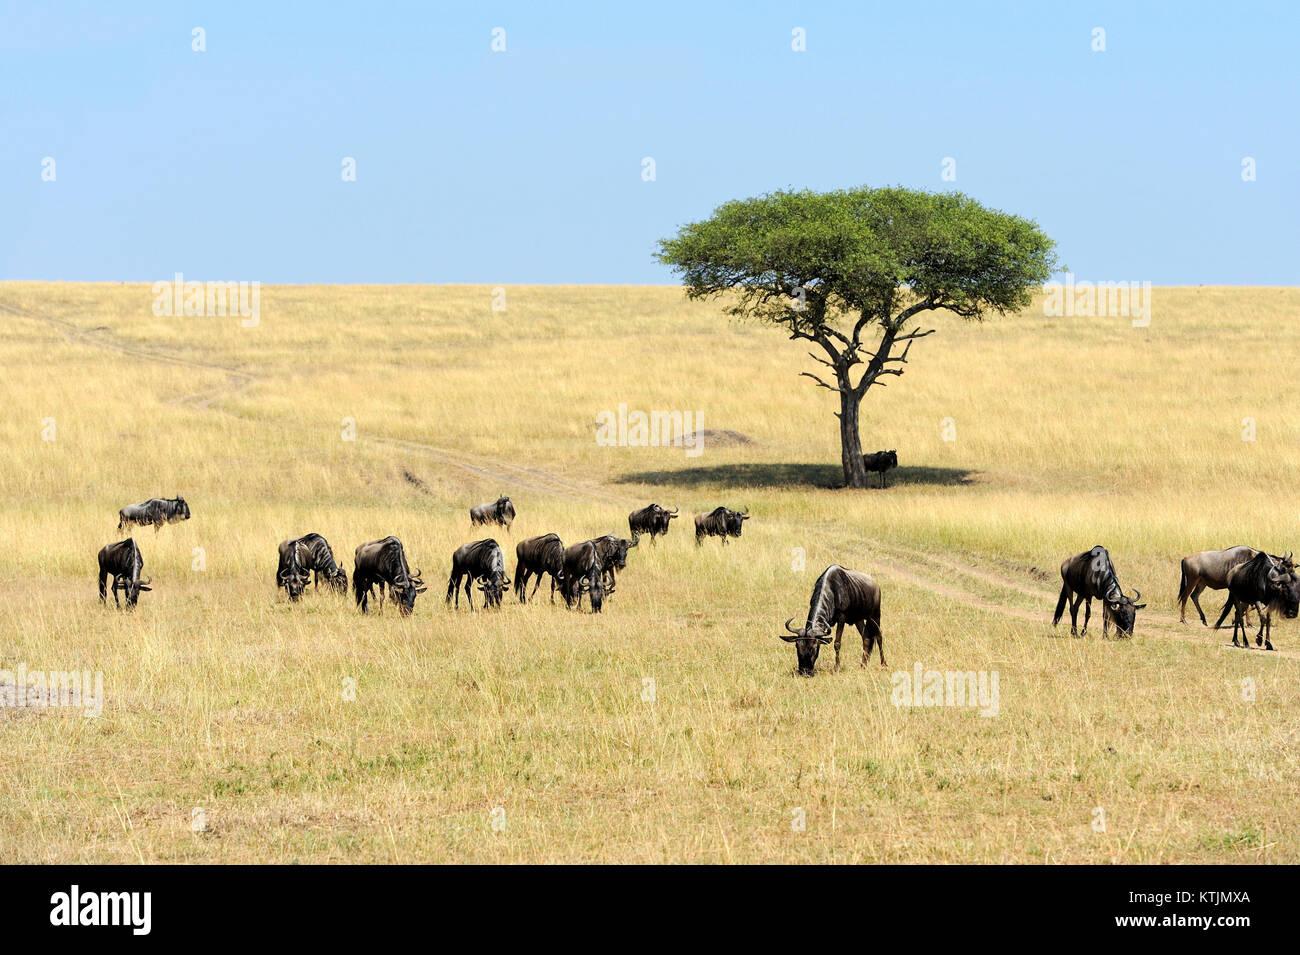 Los ñus en Savannah, parque nacional de Kenya, Africa. Imagen De Stock